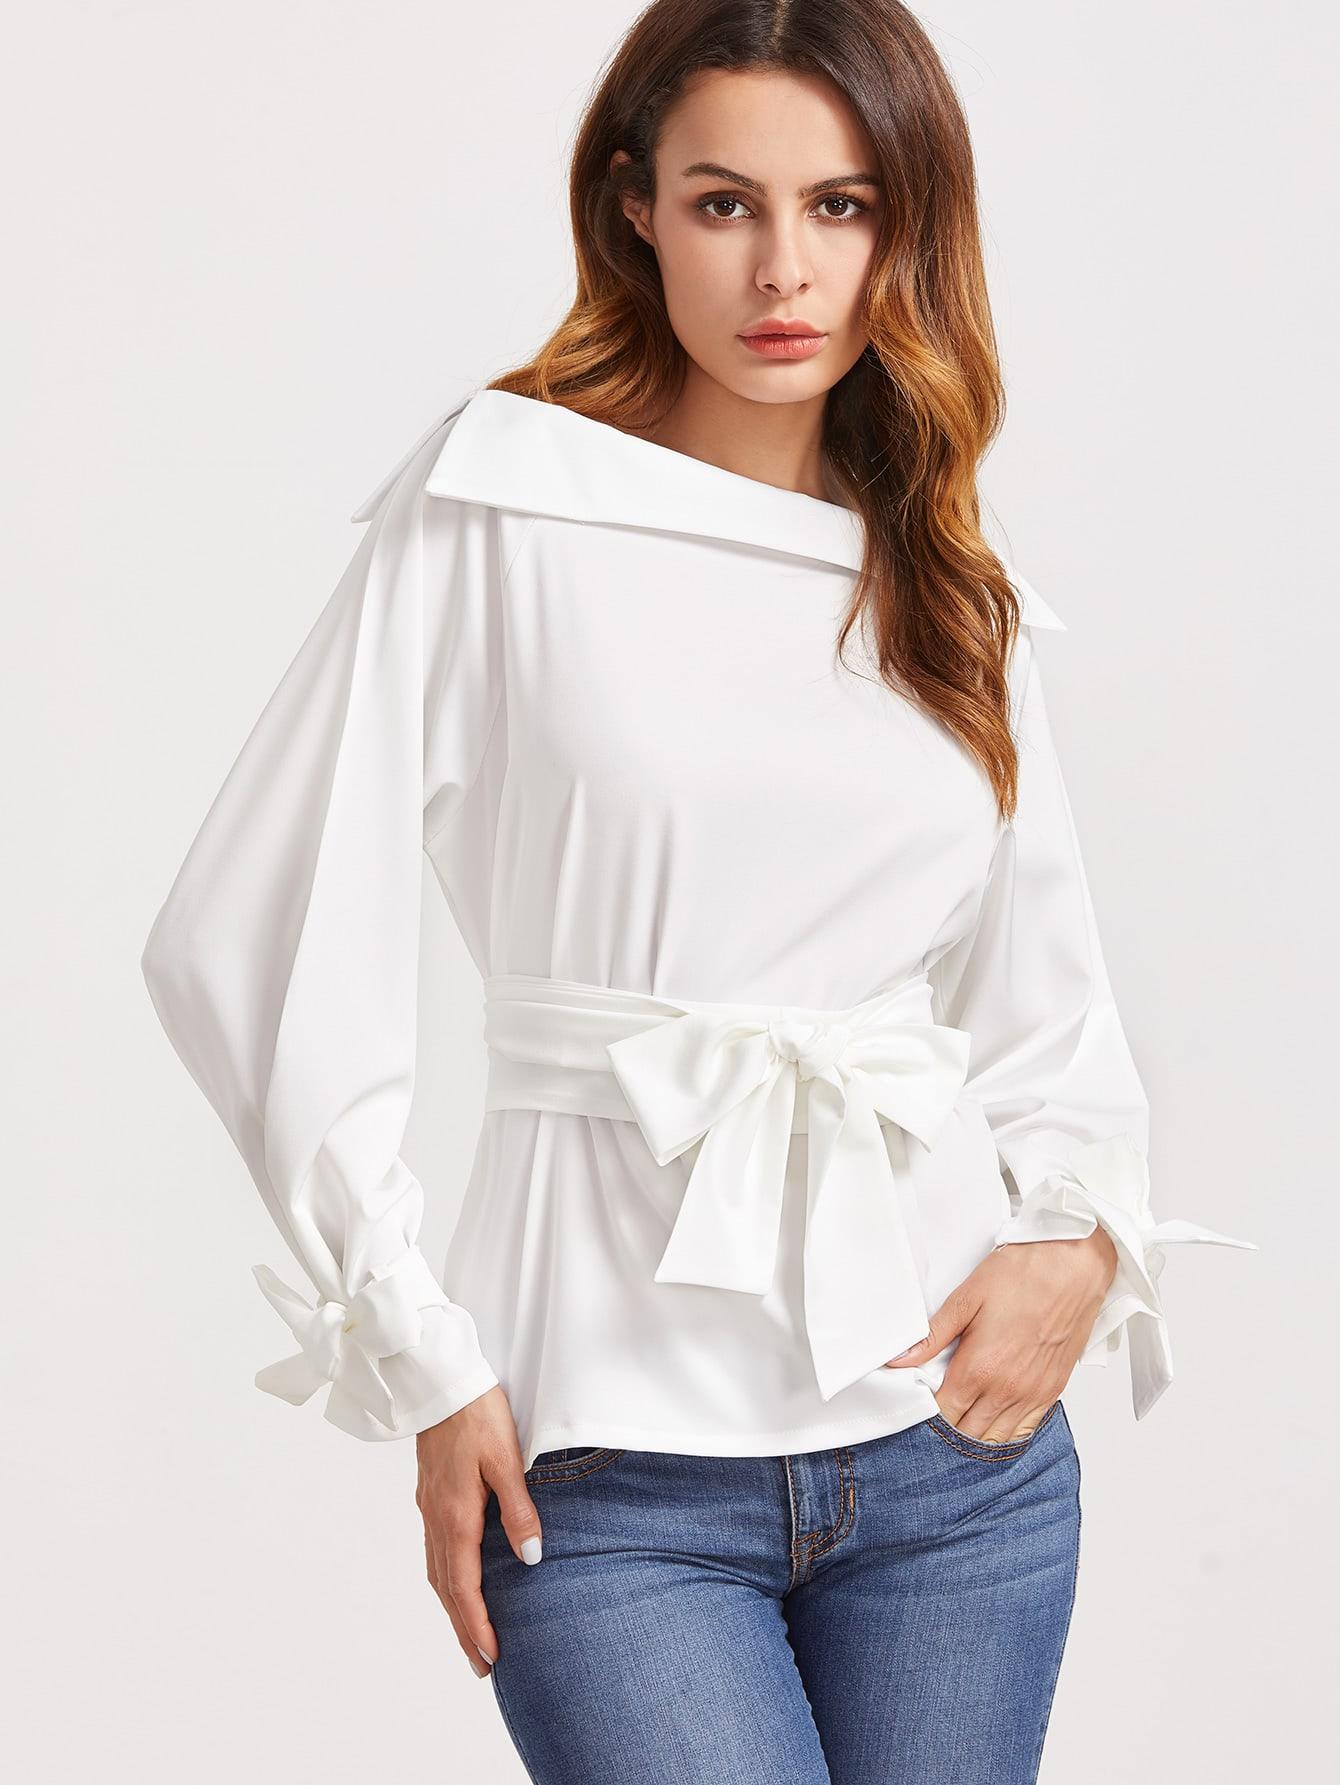 Купить Стильные Блузки